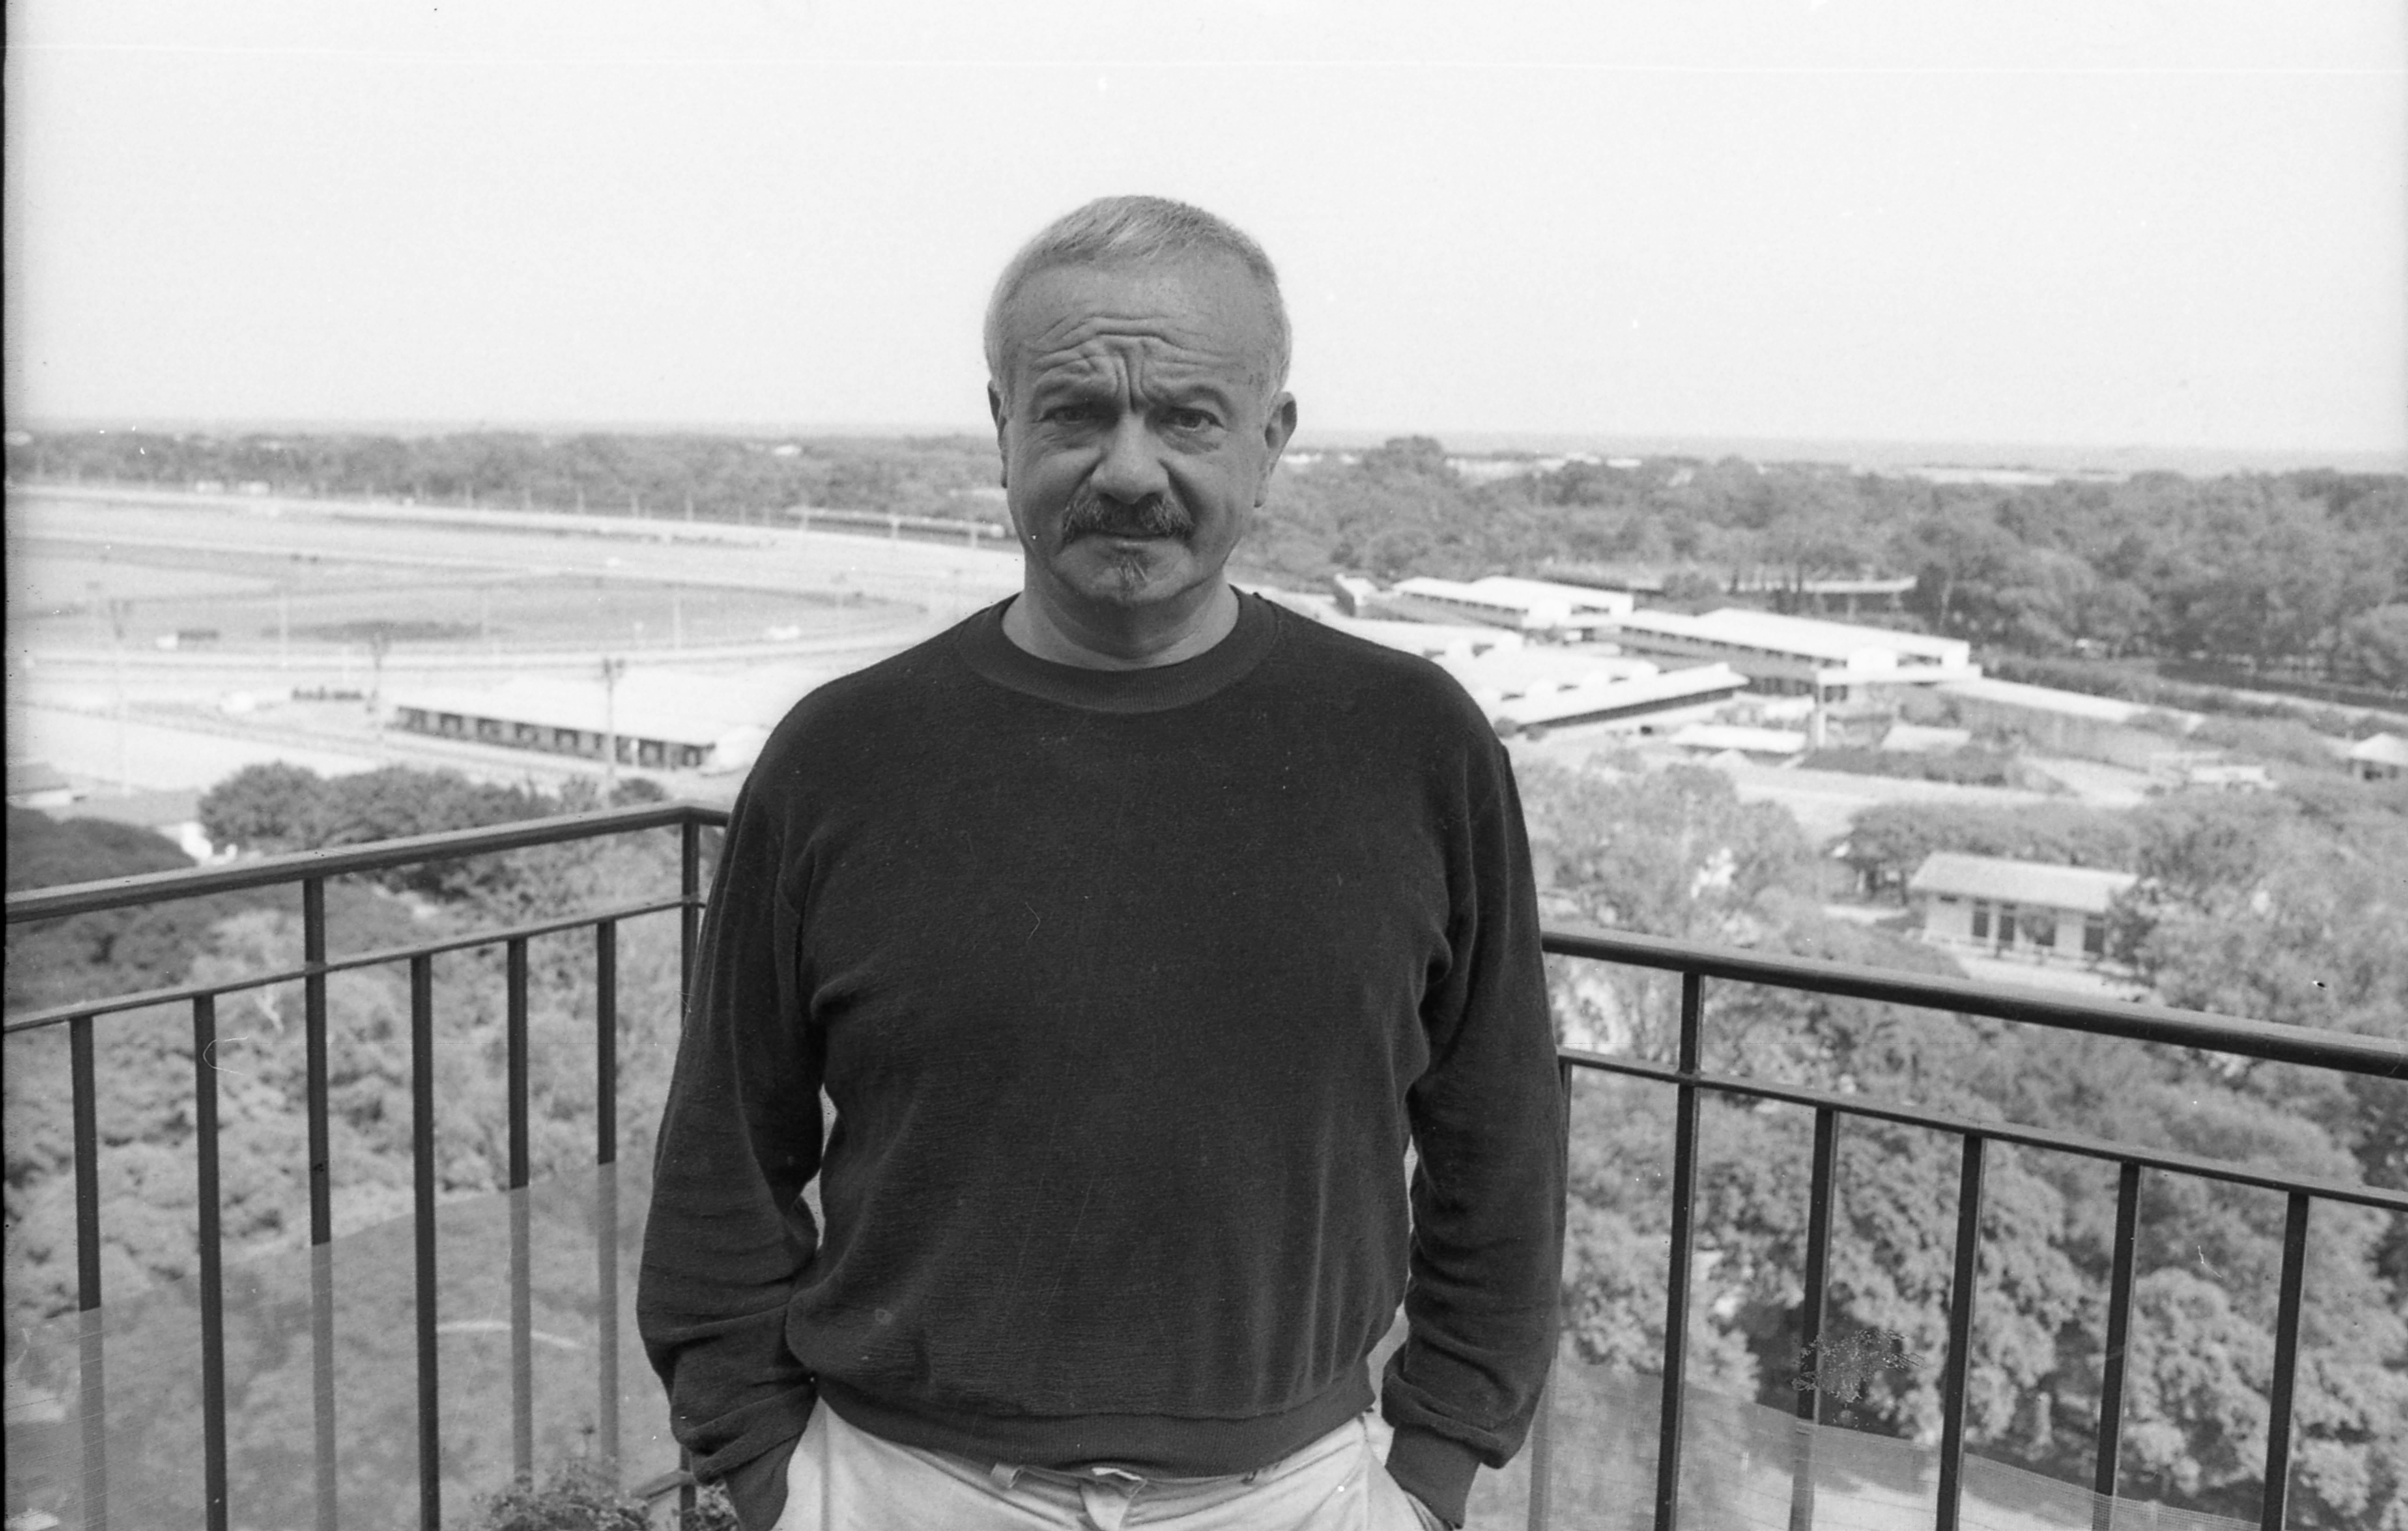 Cabalgata de homenajes en la TV por los 100 años de Piazzolla